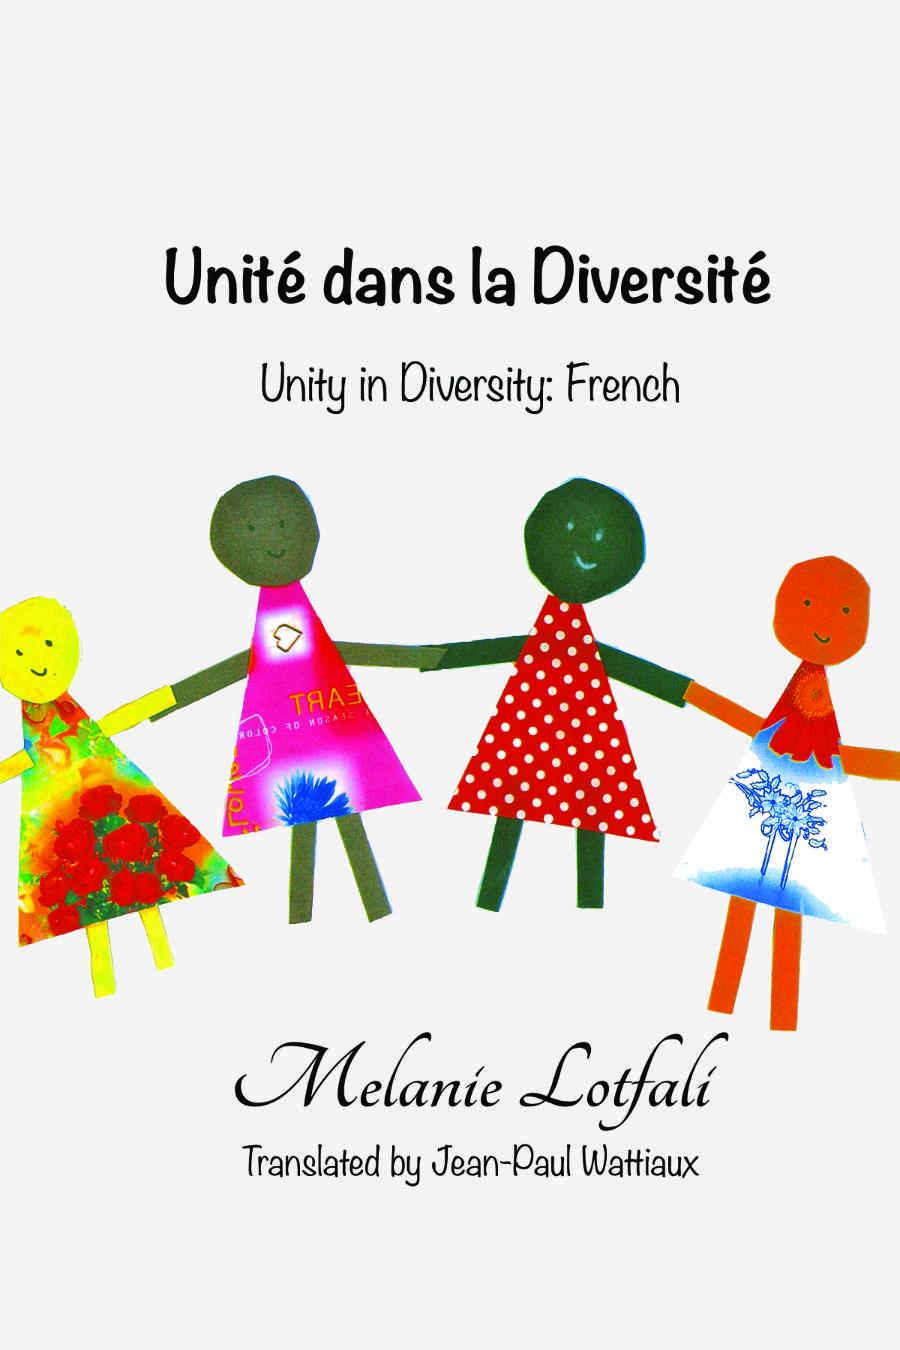 Unité dans la Diversité